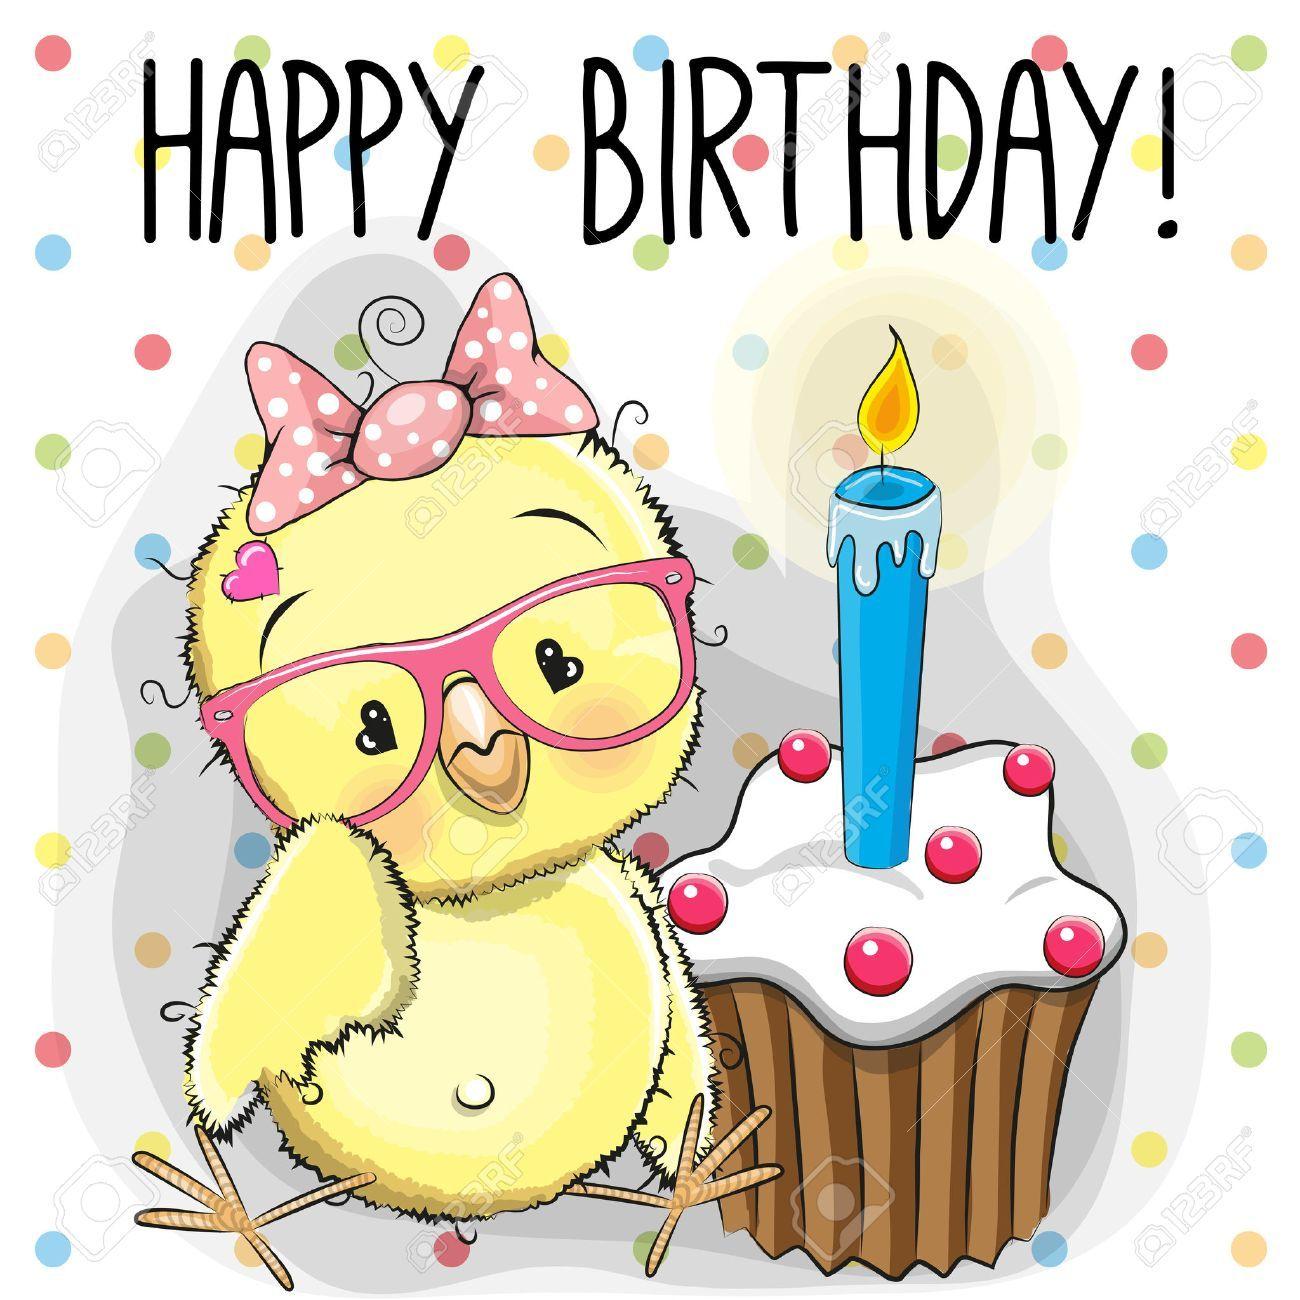 Greeting Card Cute Cartoon Chicken With Cake Illustration Ad C Alles Gute Zum Geburtstag Illustration Happy Birthday Alles Gute Zum Geburtstag Nachrichten